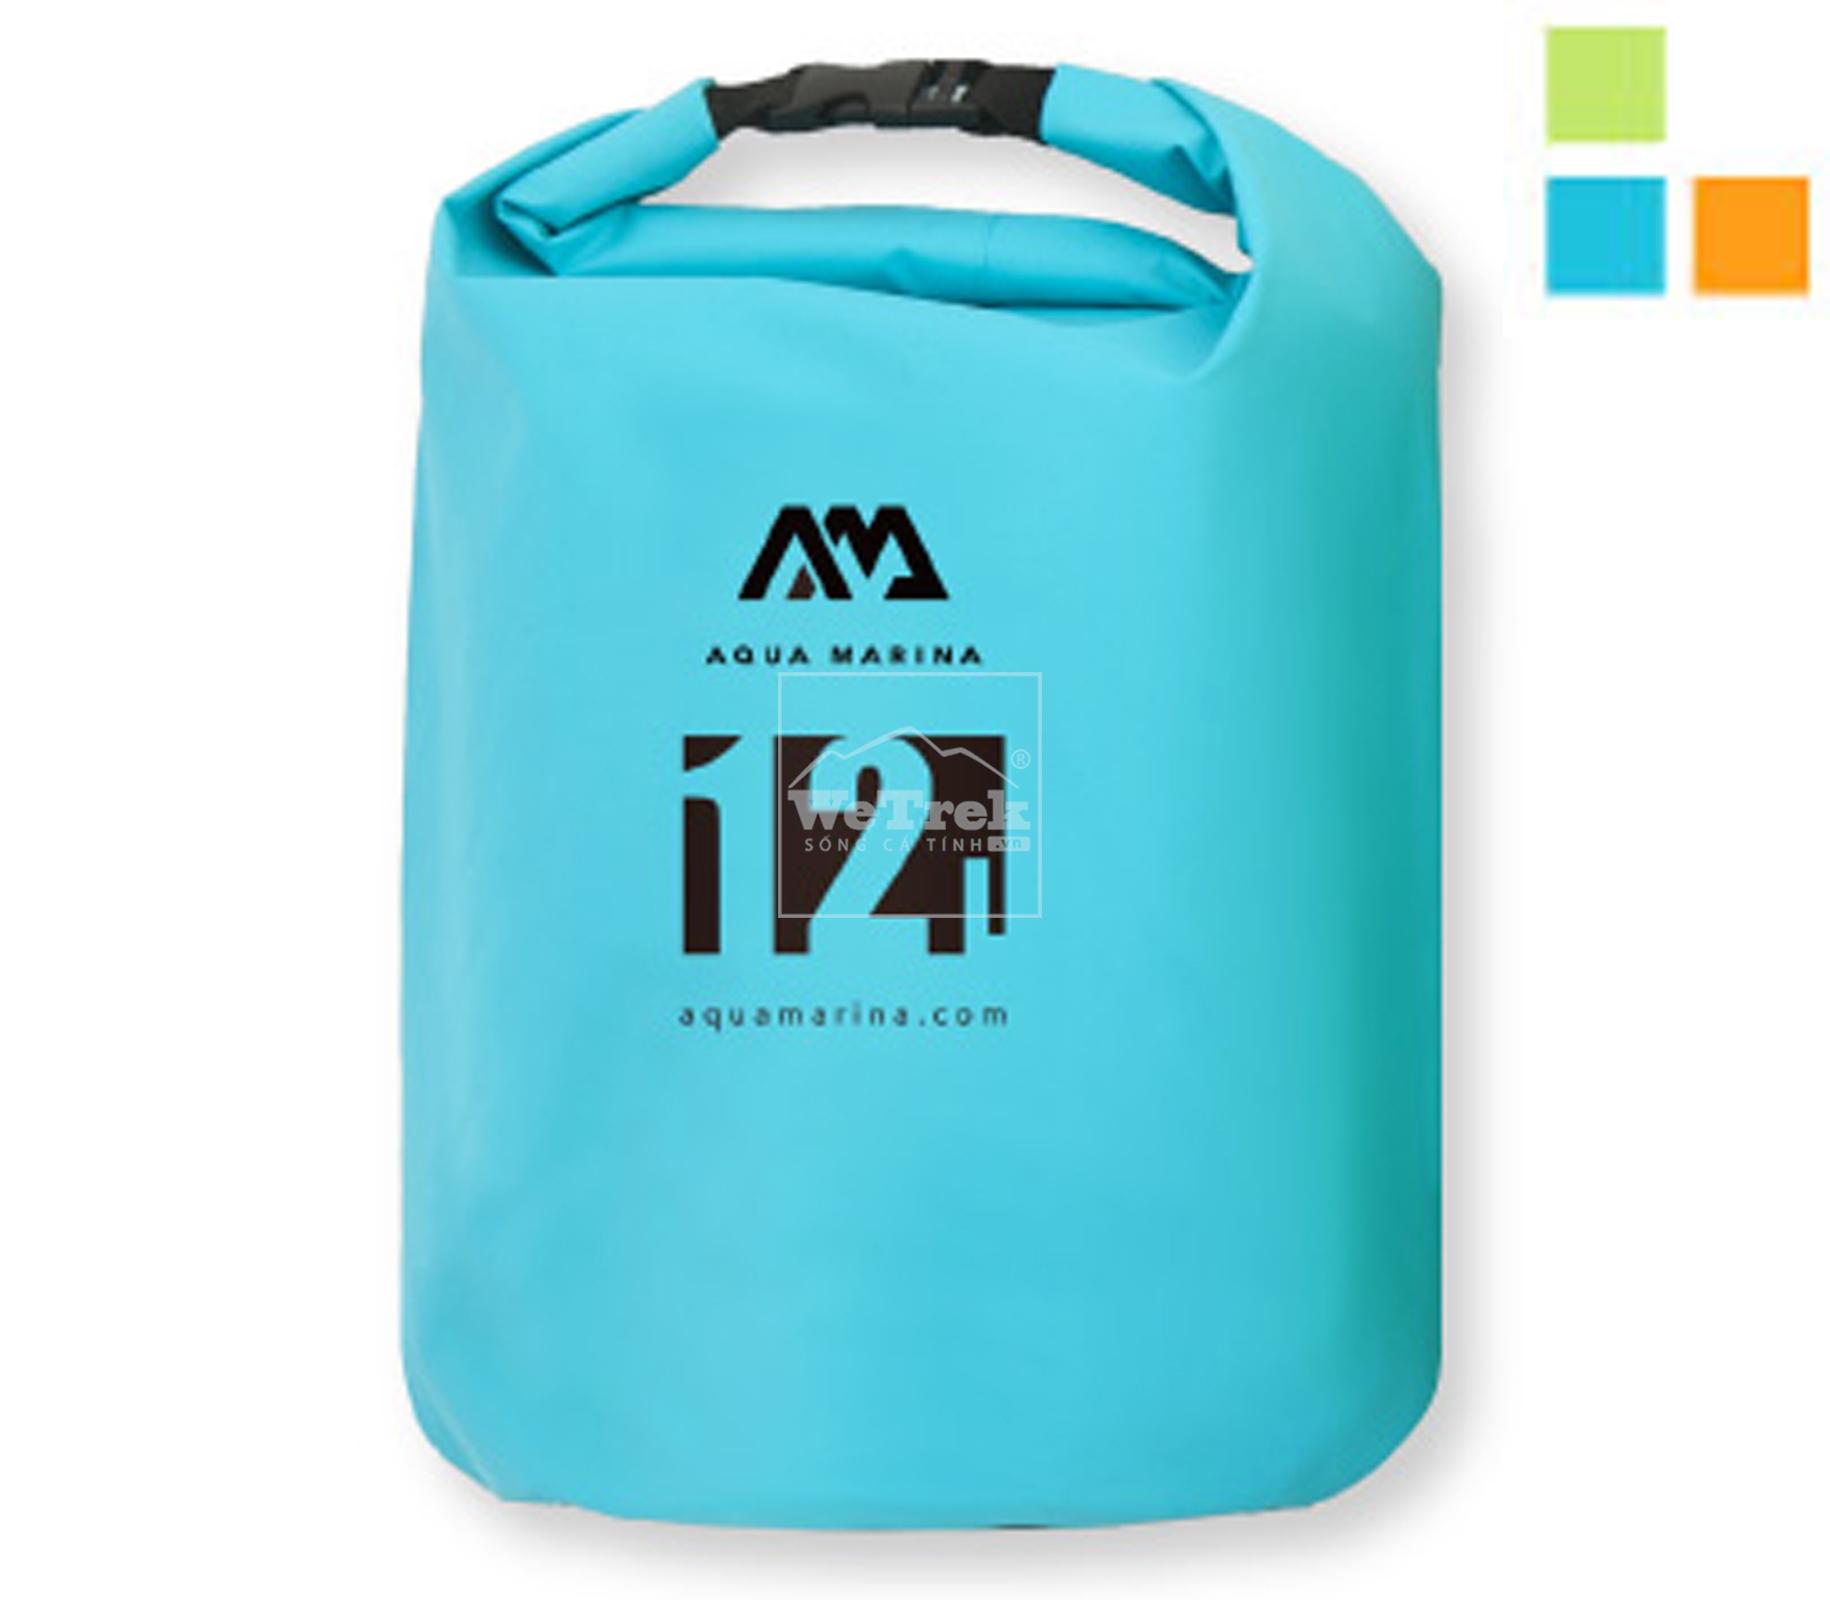 Túi khô Aqua Marina Super Easy Dry Bag 12L B0302837 - 8966